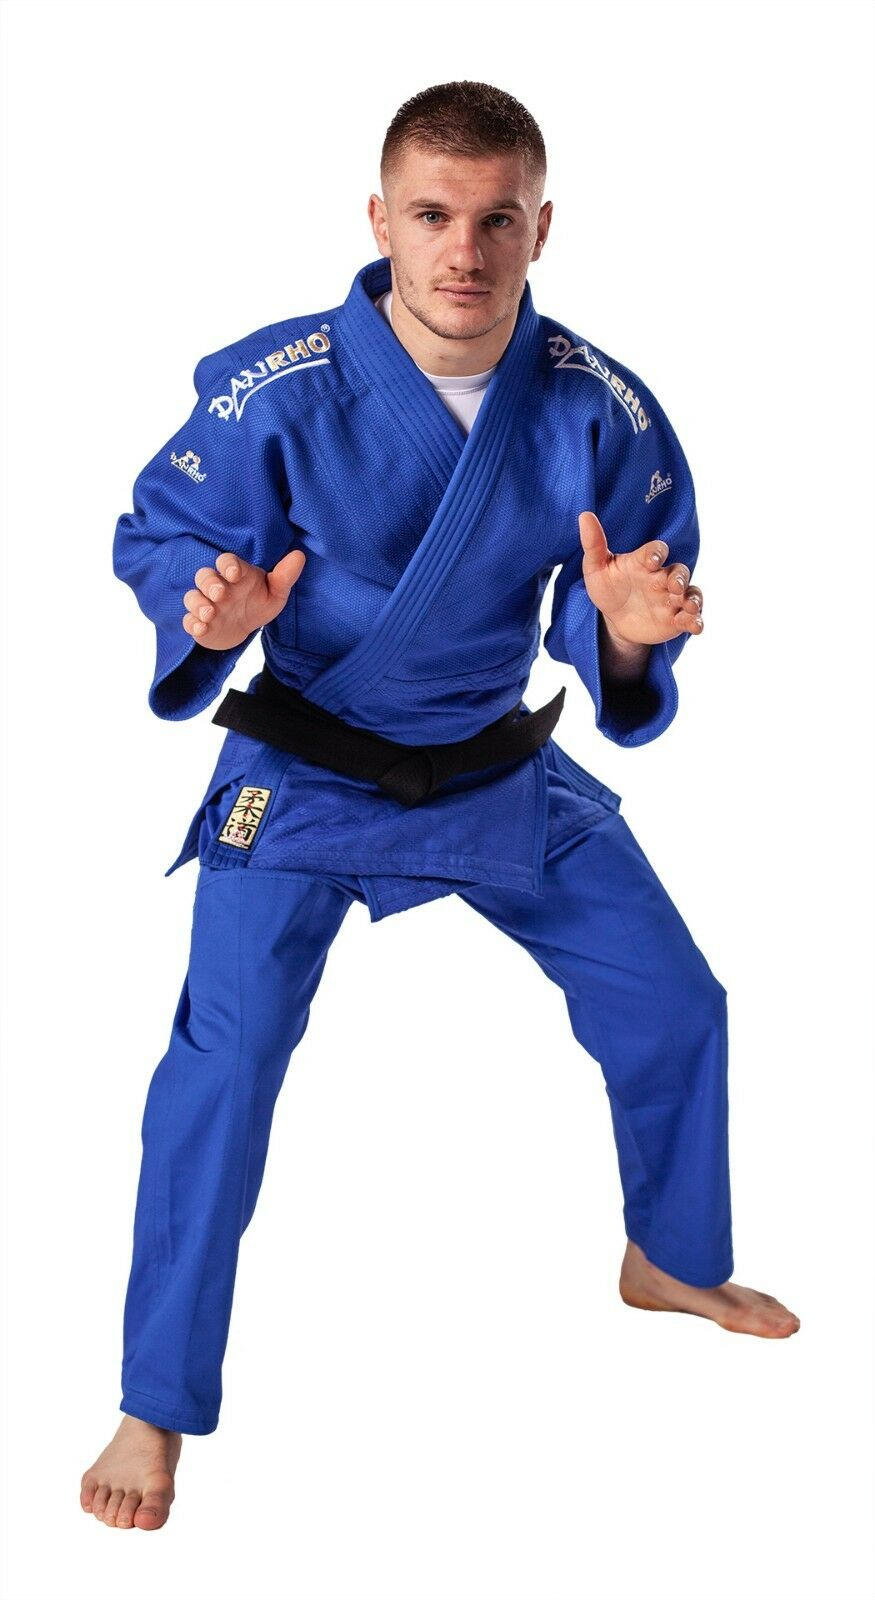 Trainings+ Wettkampf Judoanzug DanRho® Kano 900g m² blau, 140-200 Zwischengrößen